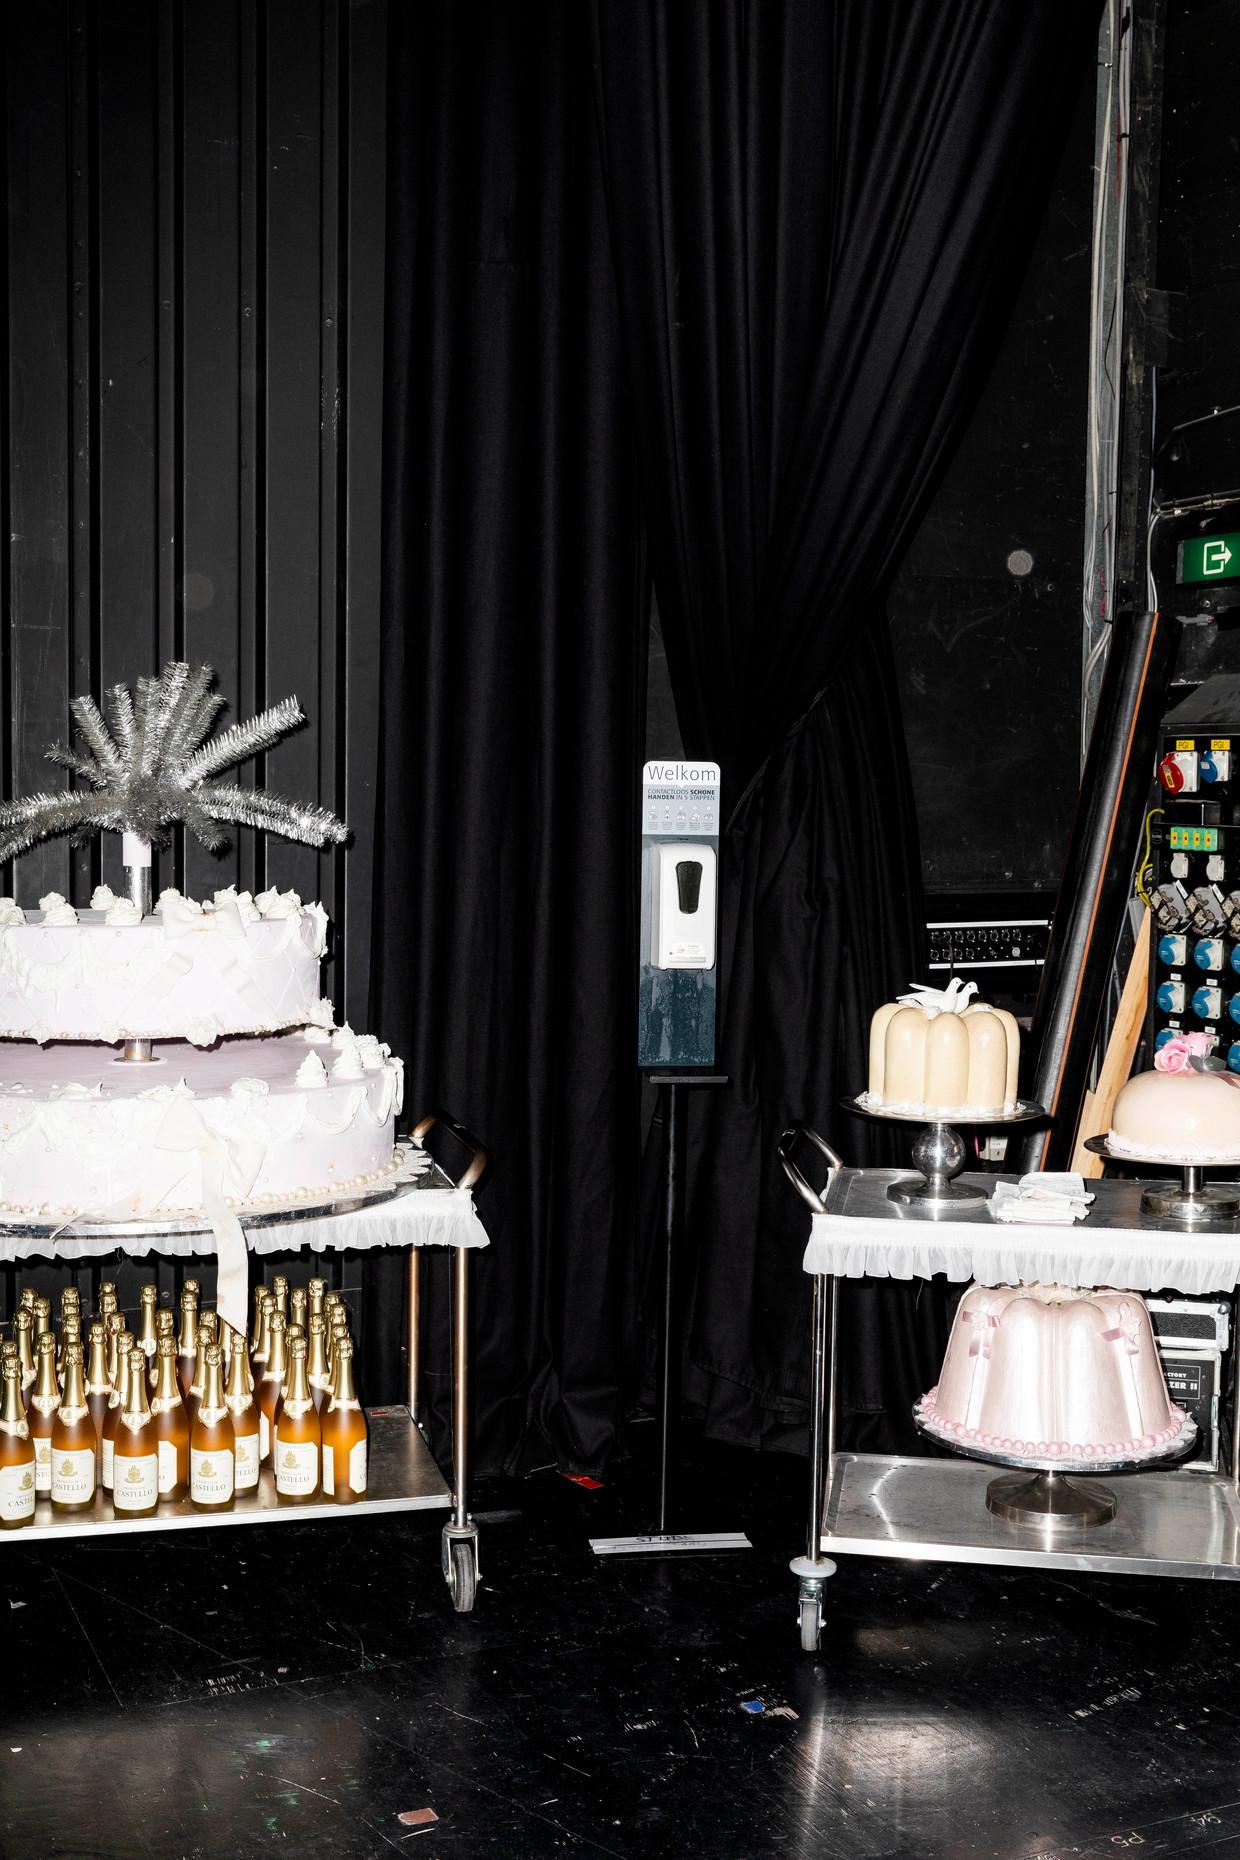 Omdat de zangers elkaar geen toneelklappen meer mogen uitdelen, maken zij ruzie door met taart en bloemen te smijten.  Beeld Marie Wanders